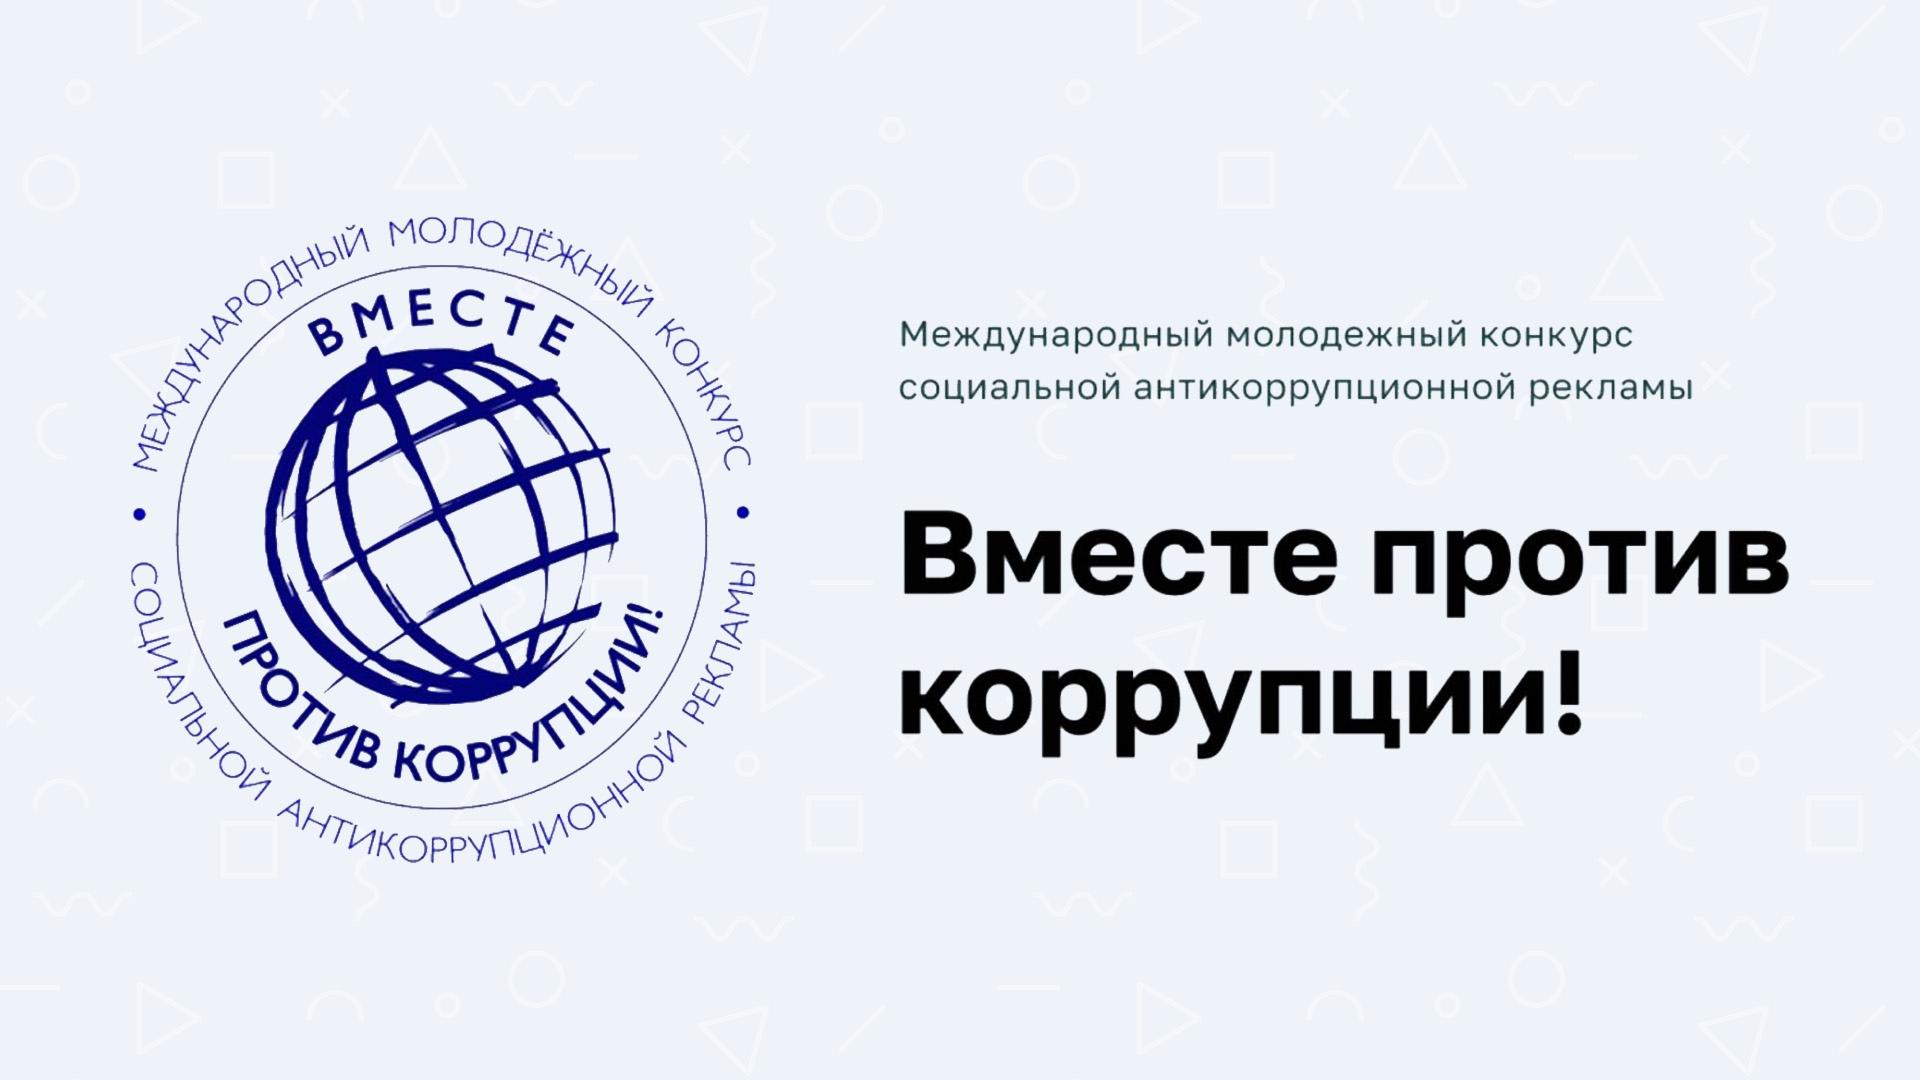 Генеральная прокуратура Российской Федерации объявляет конкурс «Вместе против коррупции!»